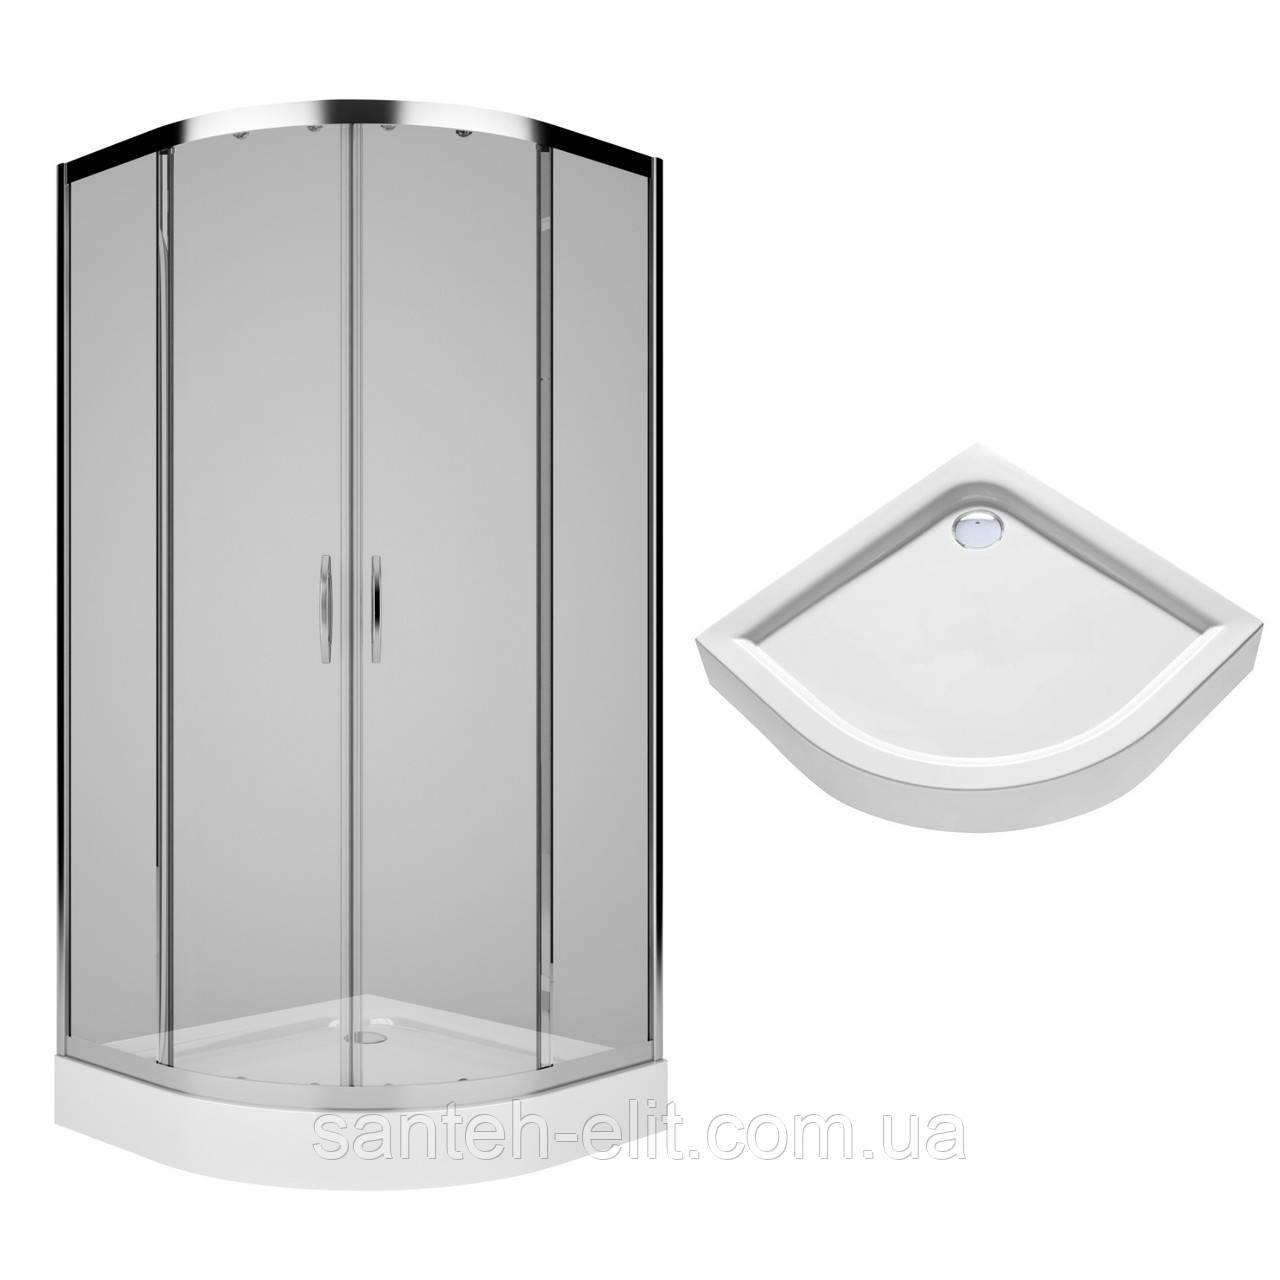 Комплект: REKORD душевая кабина 90см, полукруглая, прозрачное стекло, серебристый блеск + FIRST поддон 90*90см, полукруглый, с интегр. панелью